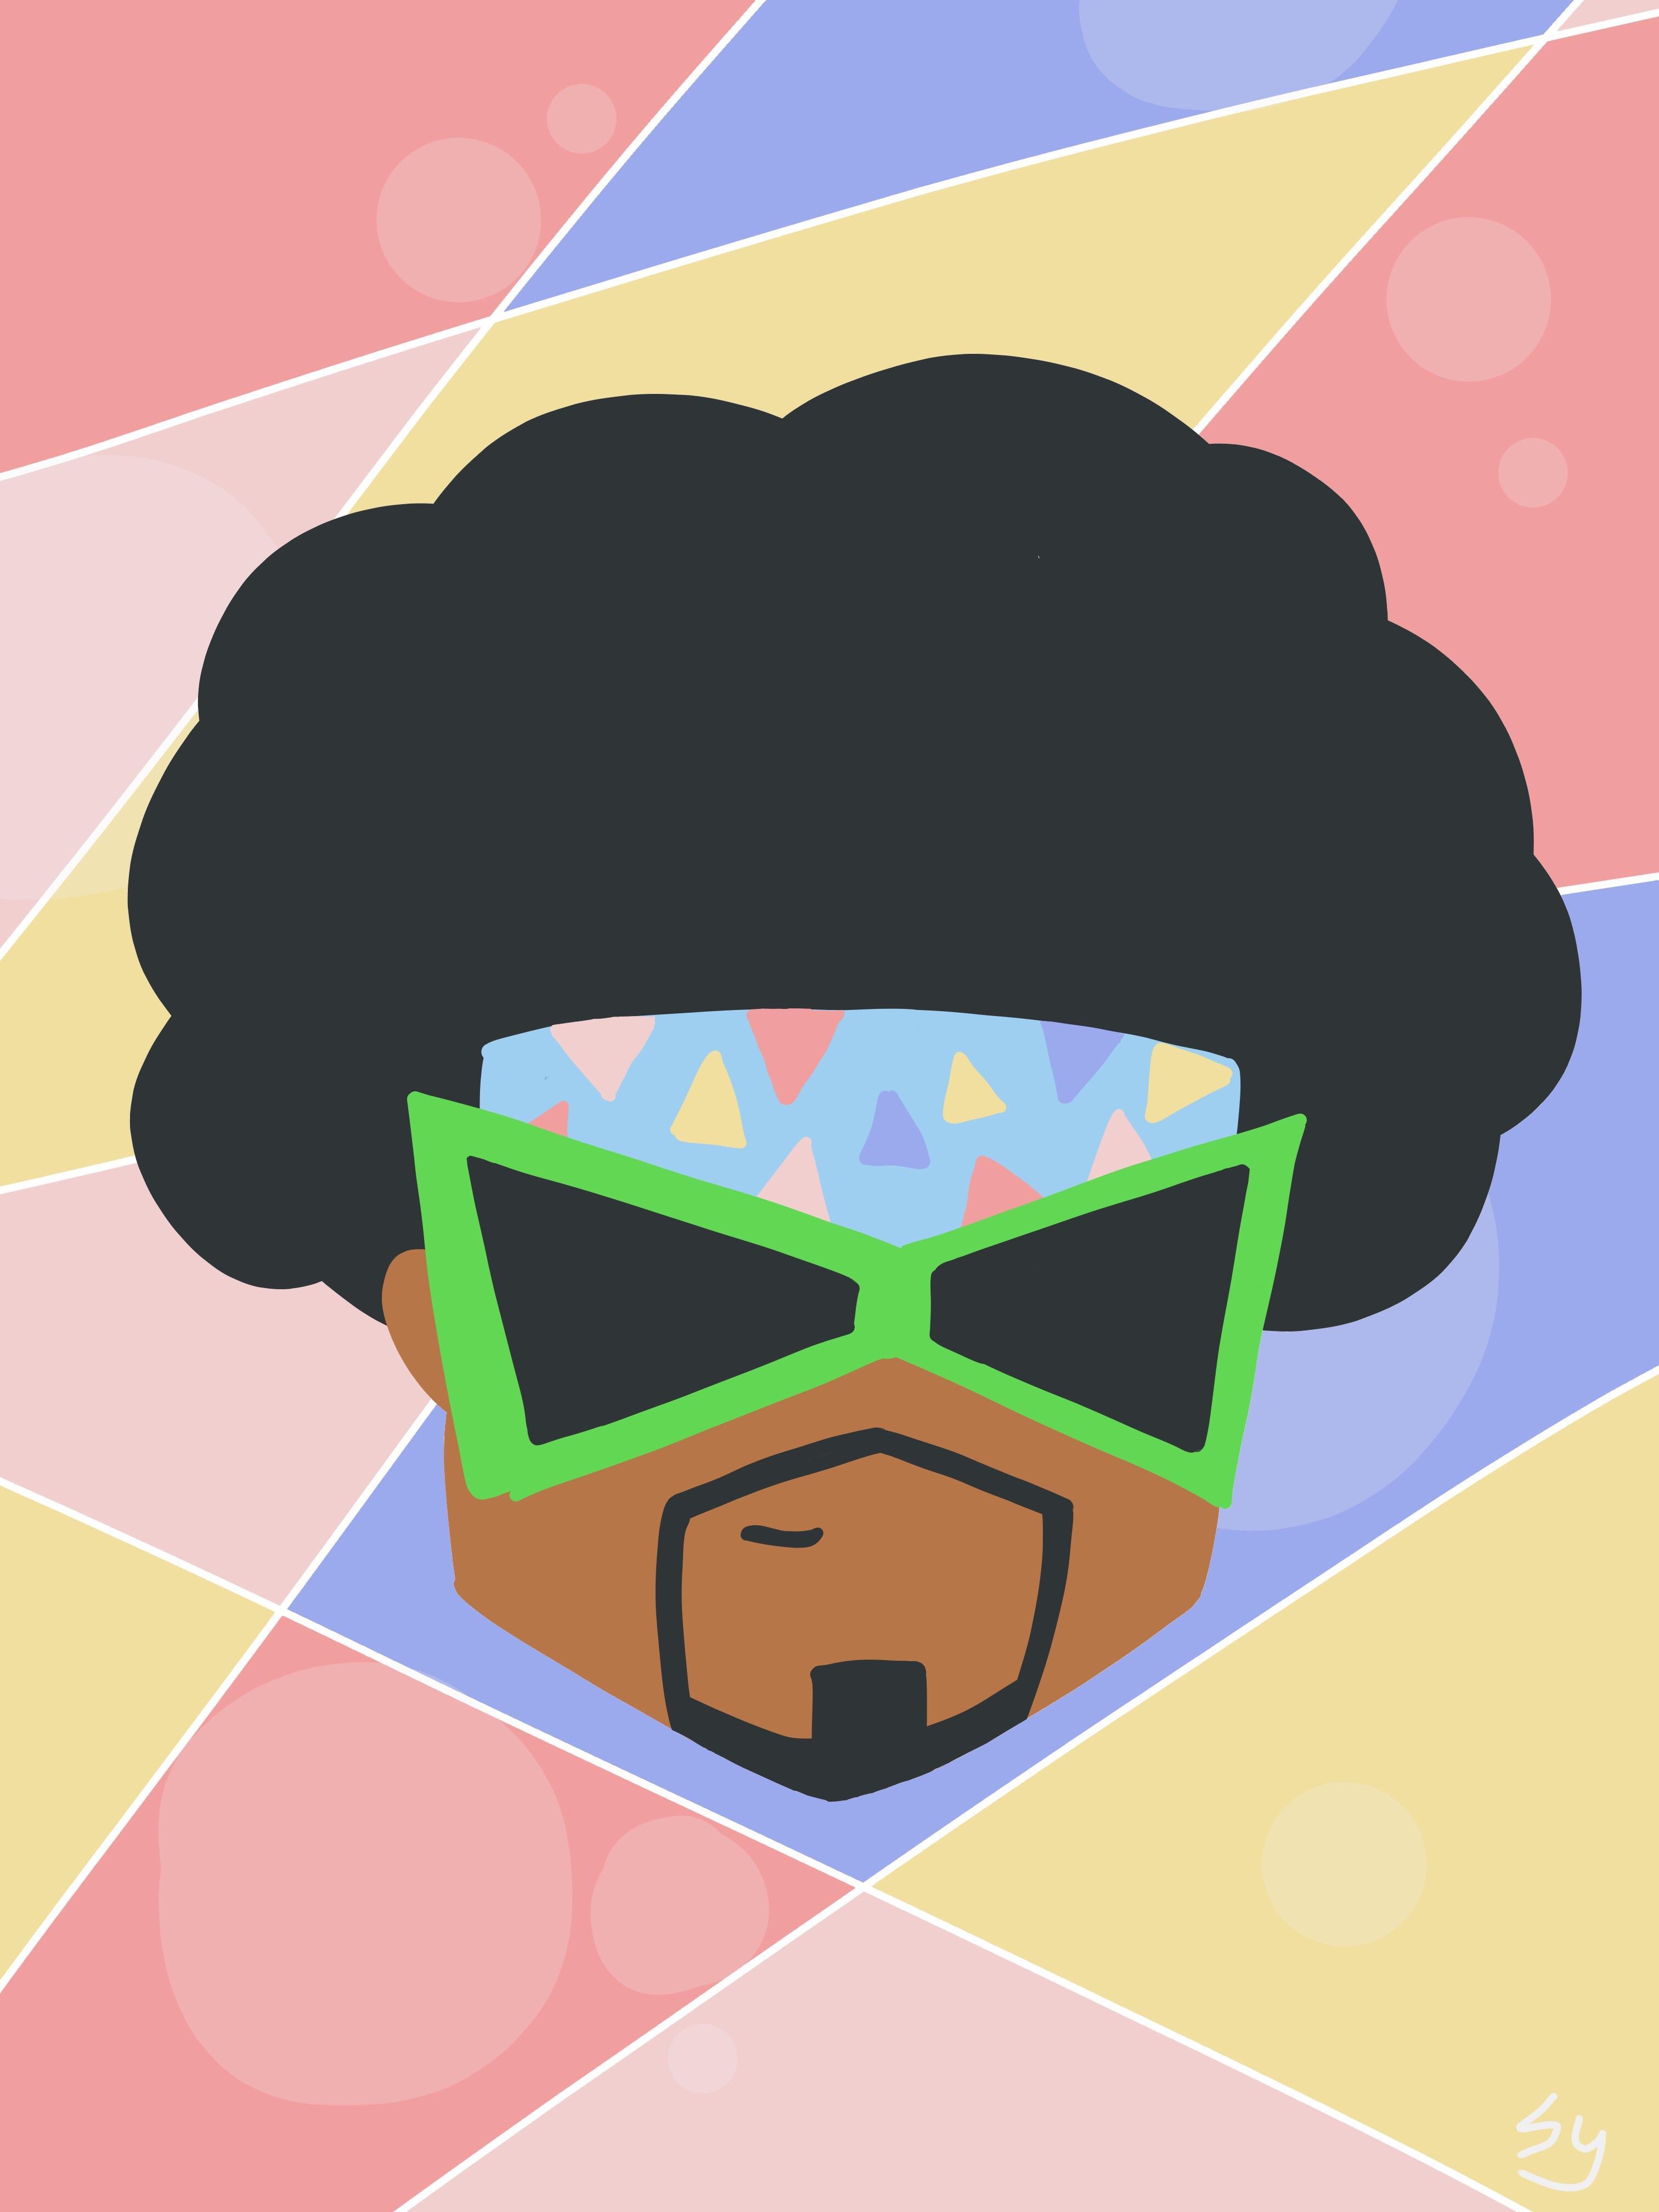 Funk Ops Fortnite Wallpapers Wallpapersafari